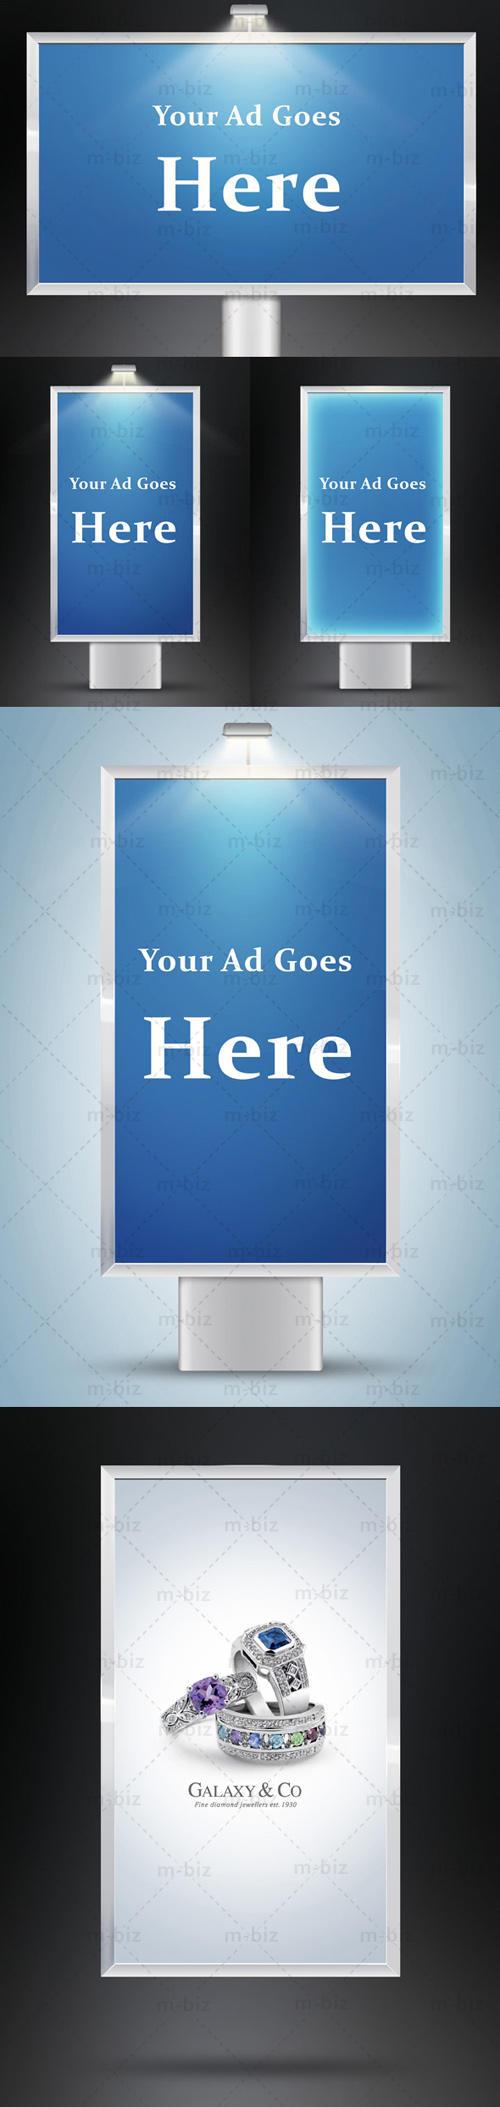 Advertising Boards by m-biz